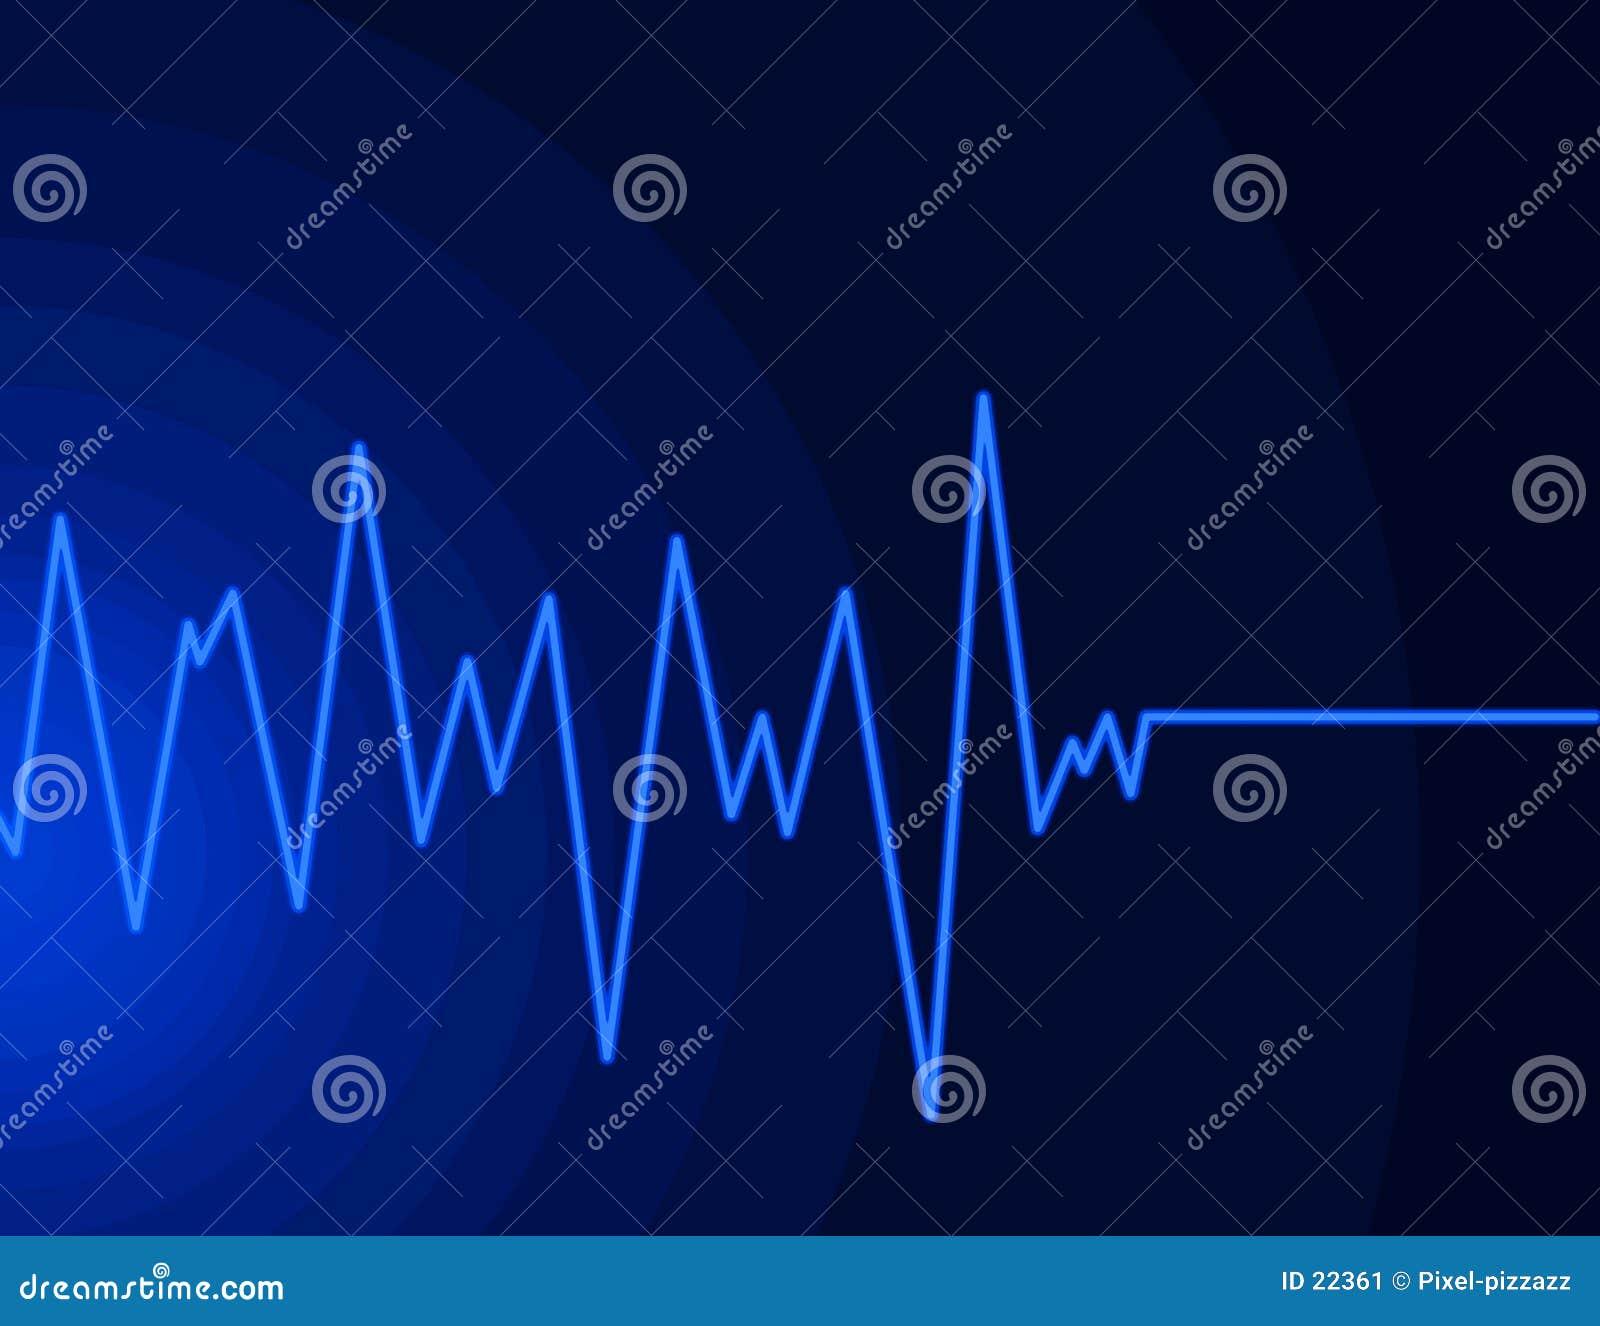 蓝色霓虹无线电波